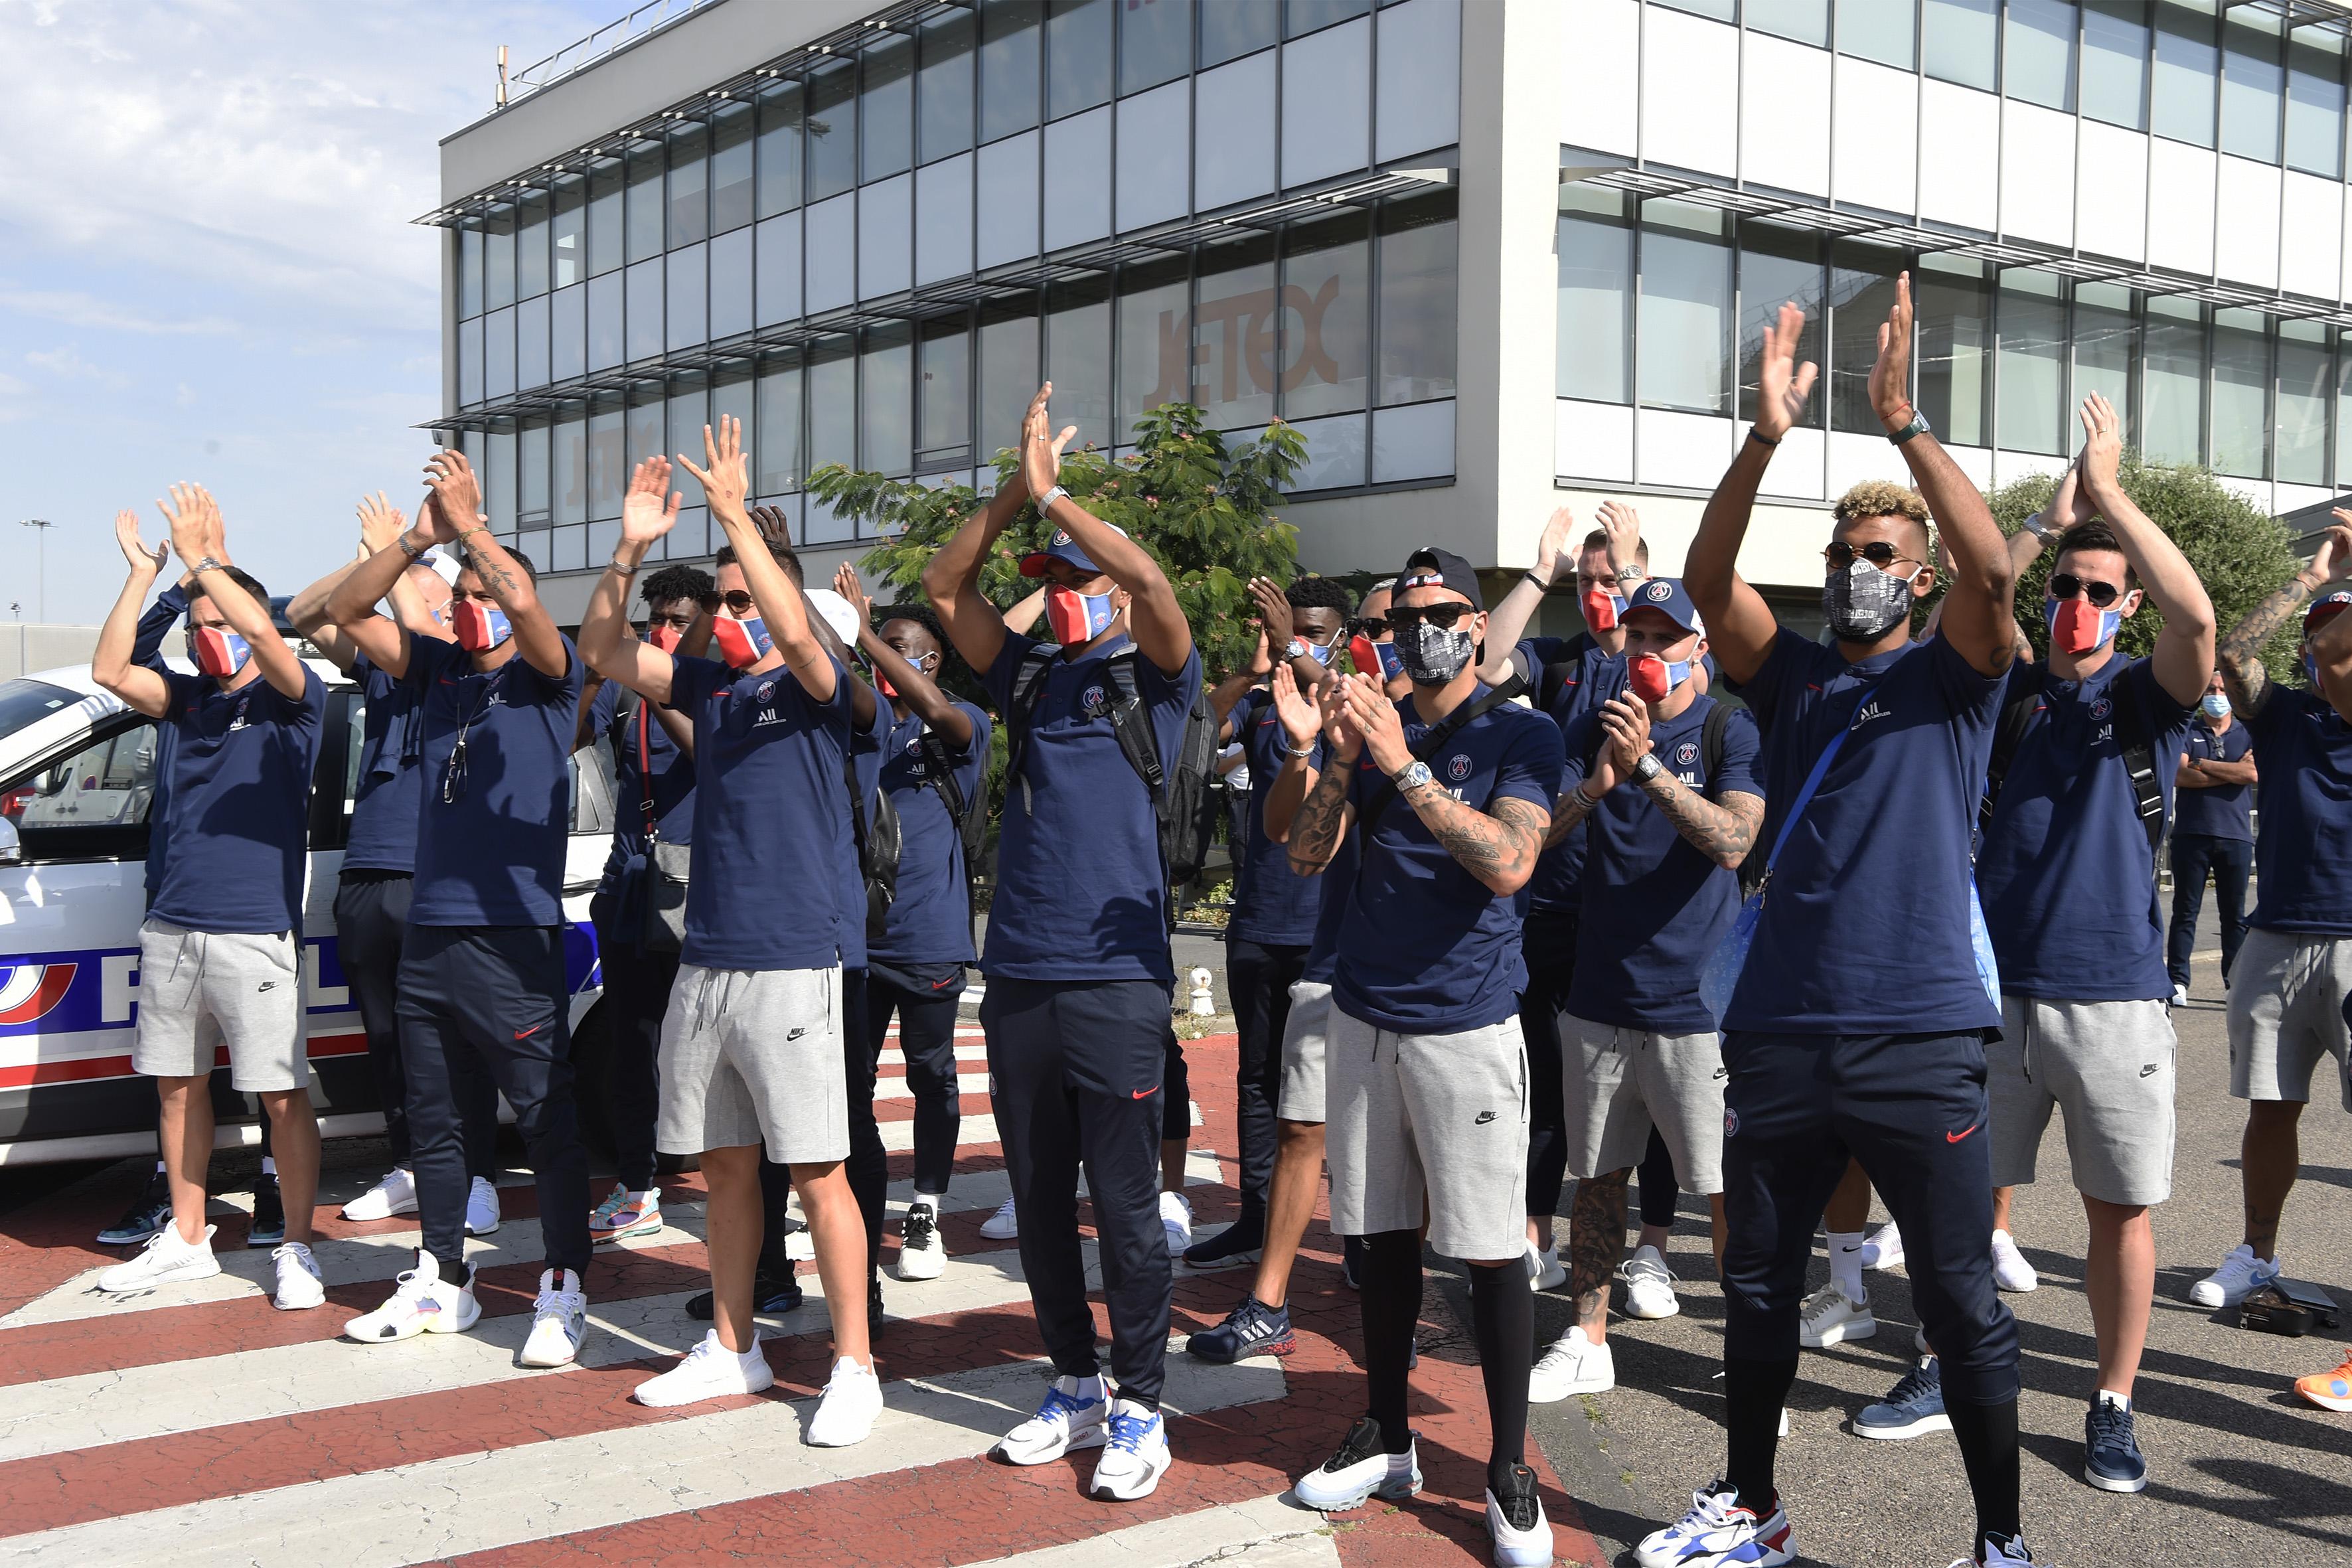 เปแอสเช ประกาศทีม 28 คน สำหรับลุยศึกที่ โปรตุเกส